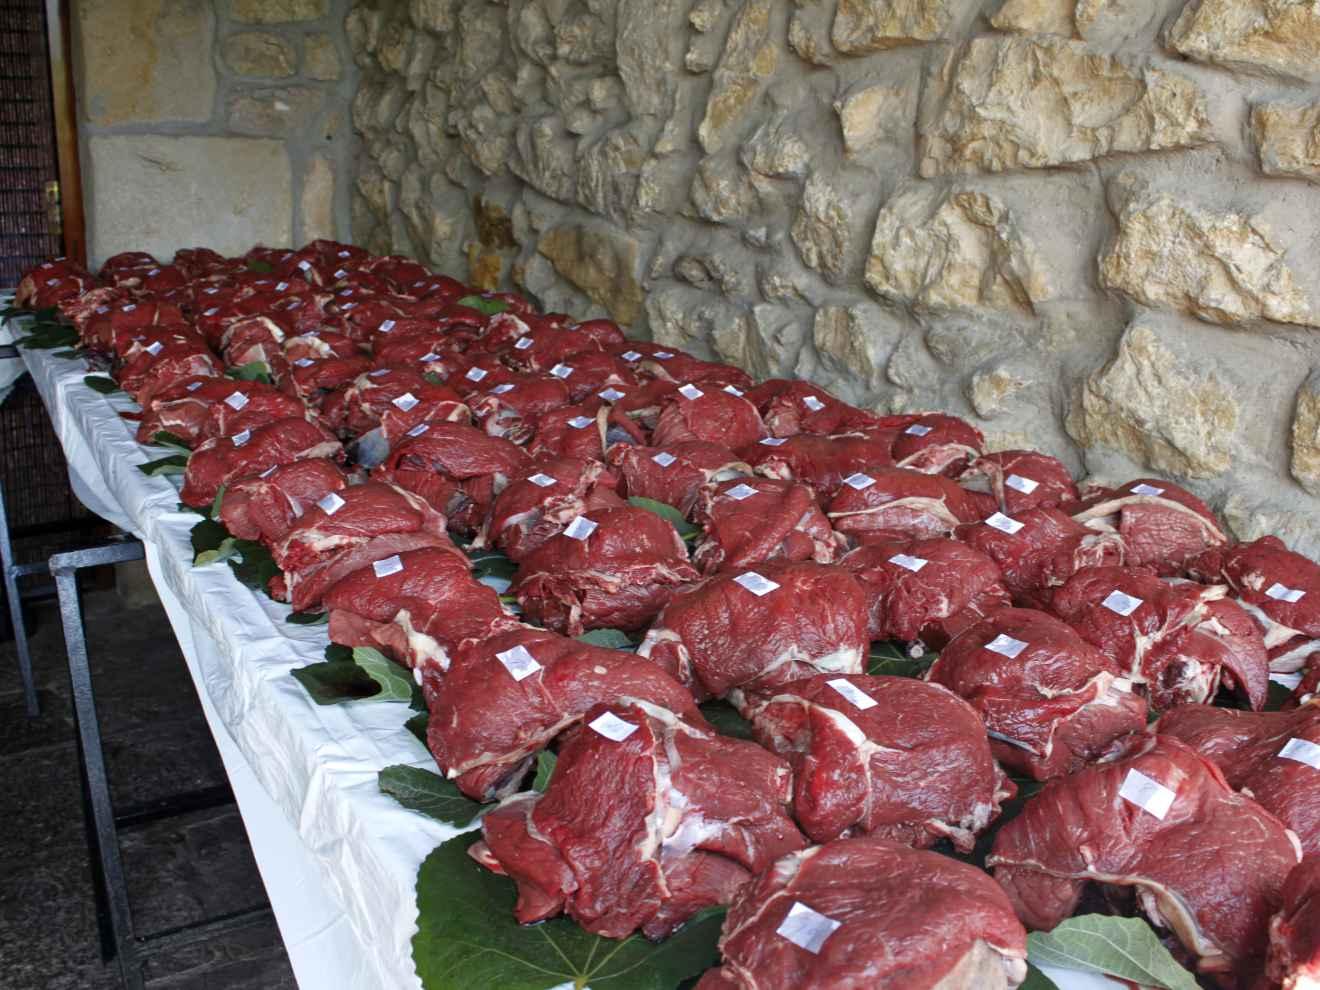 Cañimas o ración de carne asignada a los cofrades por riguroso sorteo y que tienen que retirar obligatoriamente al pagar la cuota.